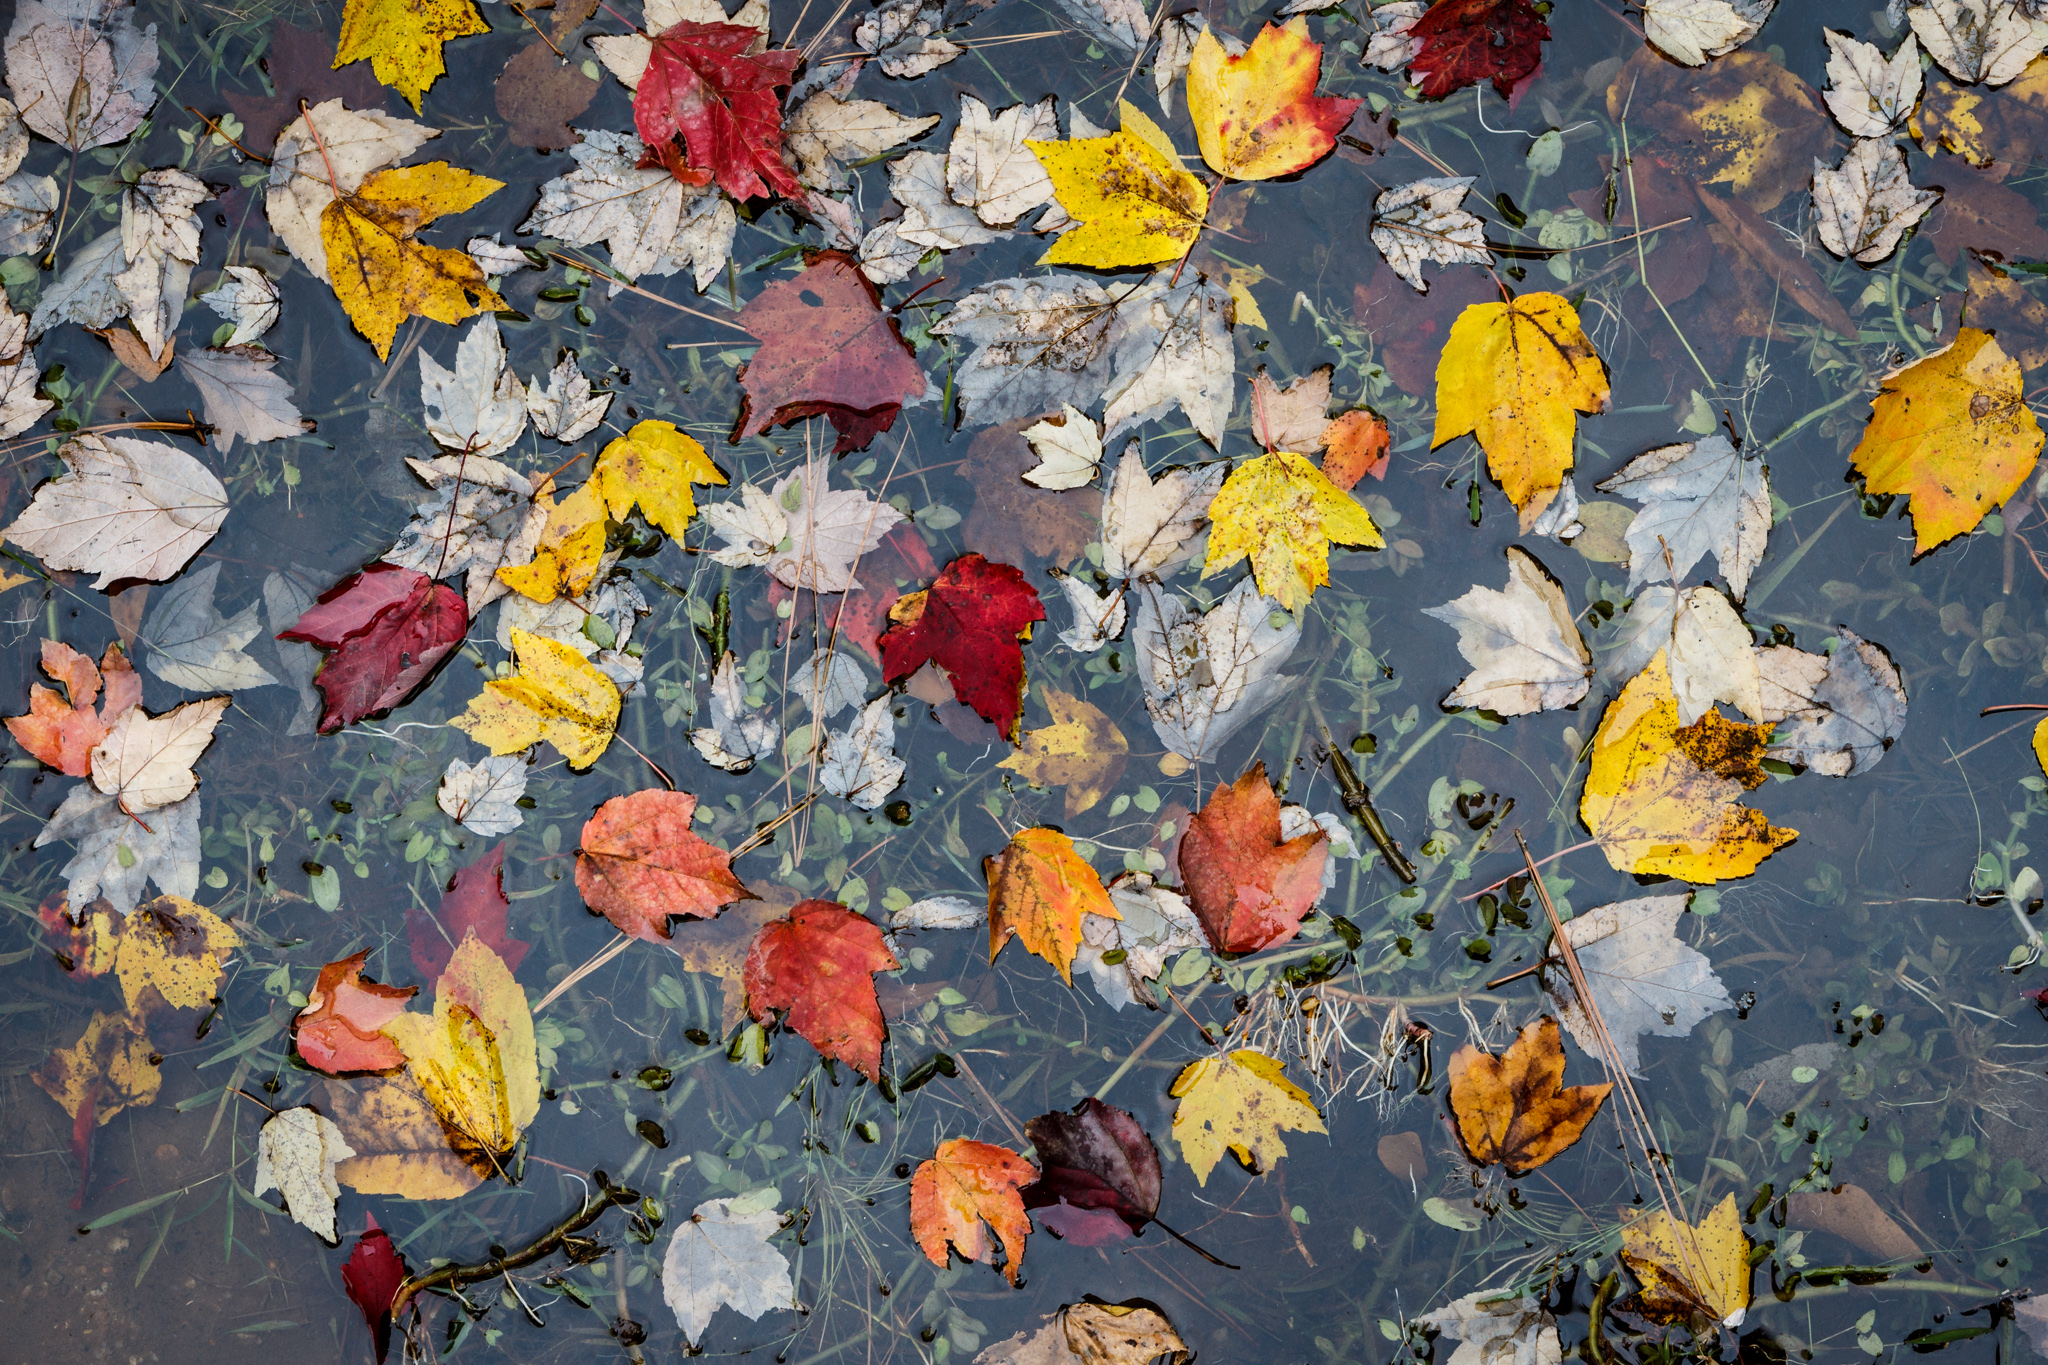 Leaves in Water